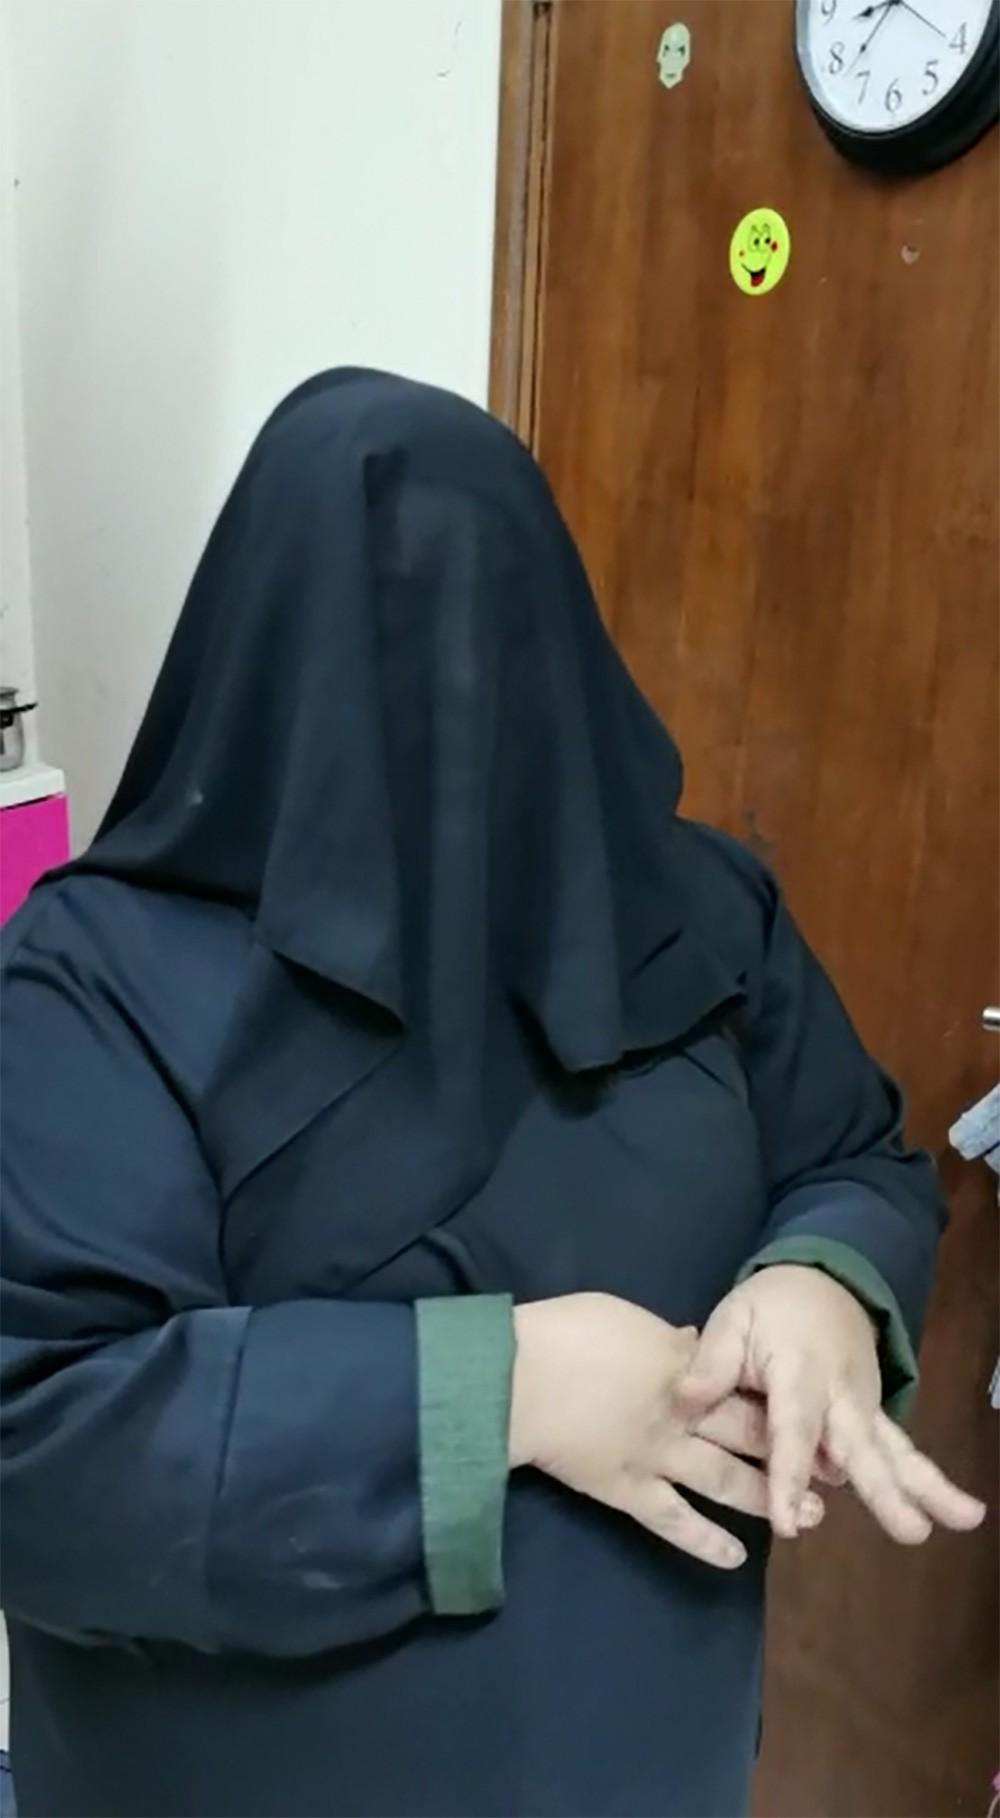 مواطنة تناشد الإسكان انقاذ عائلتها ببيت العمر